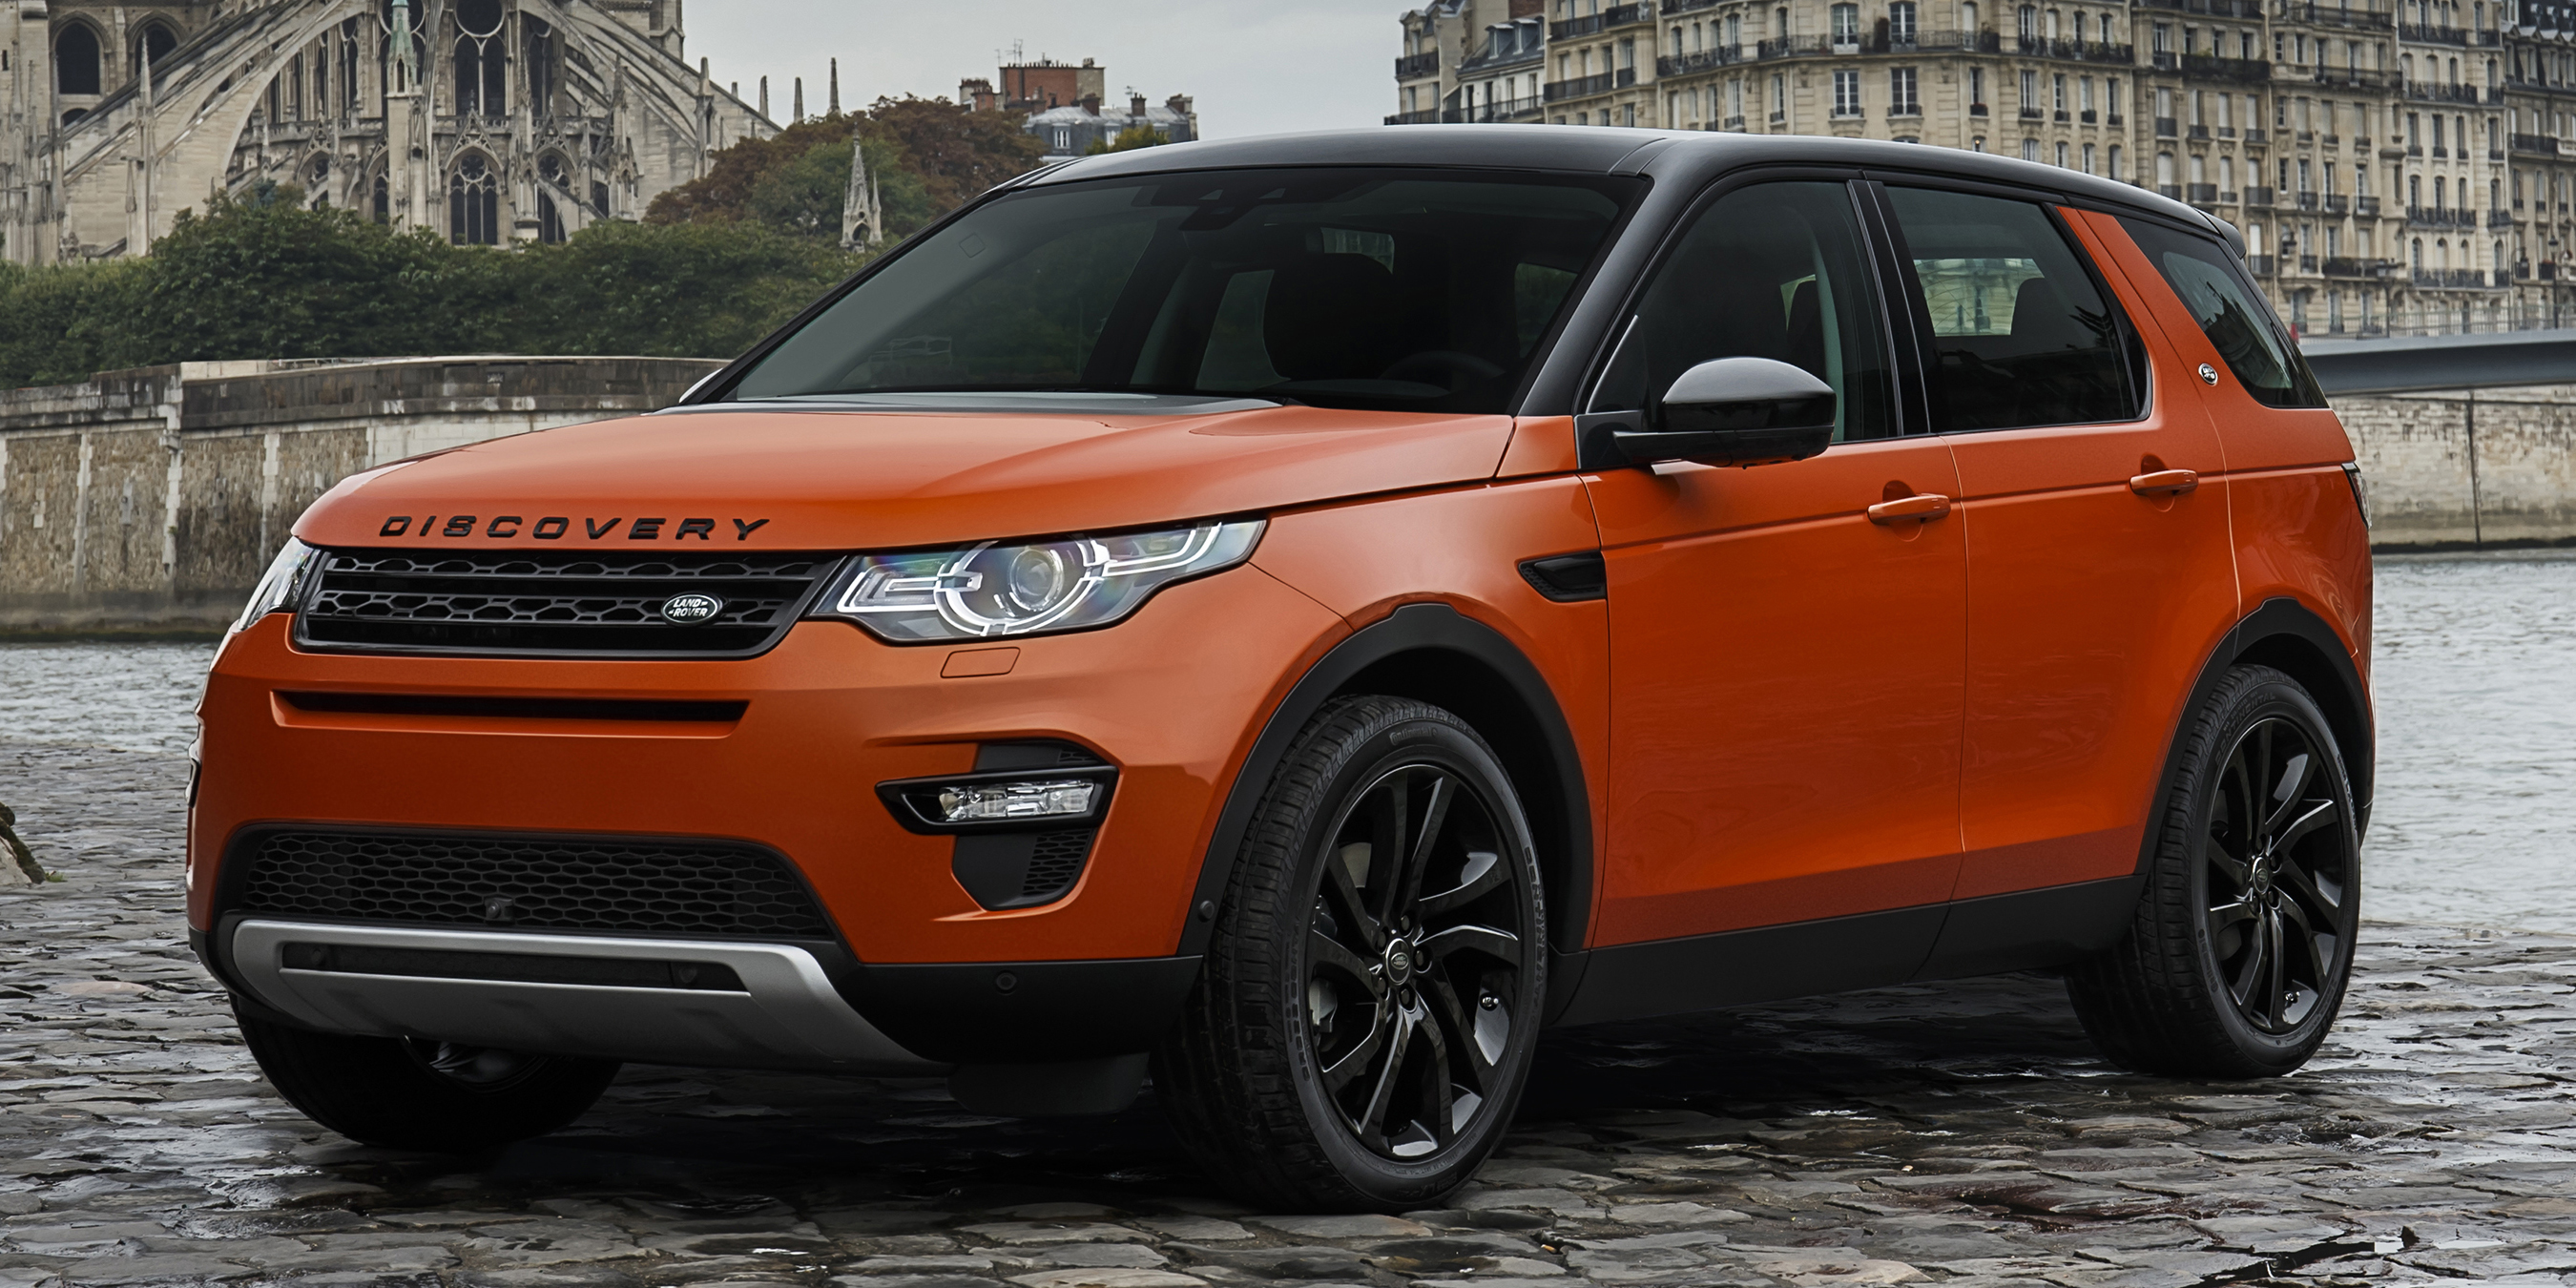 Dossier, los SUVs más vendidos en Europa durante el primer semestre: Qashqai, Captur y Mokka lideran